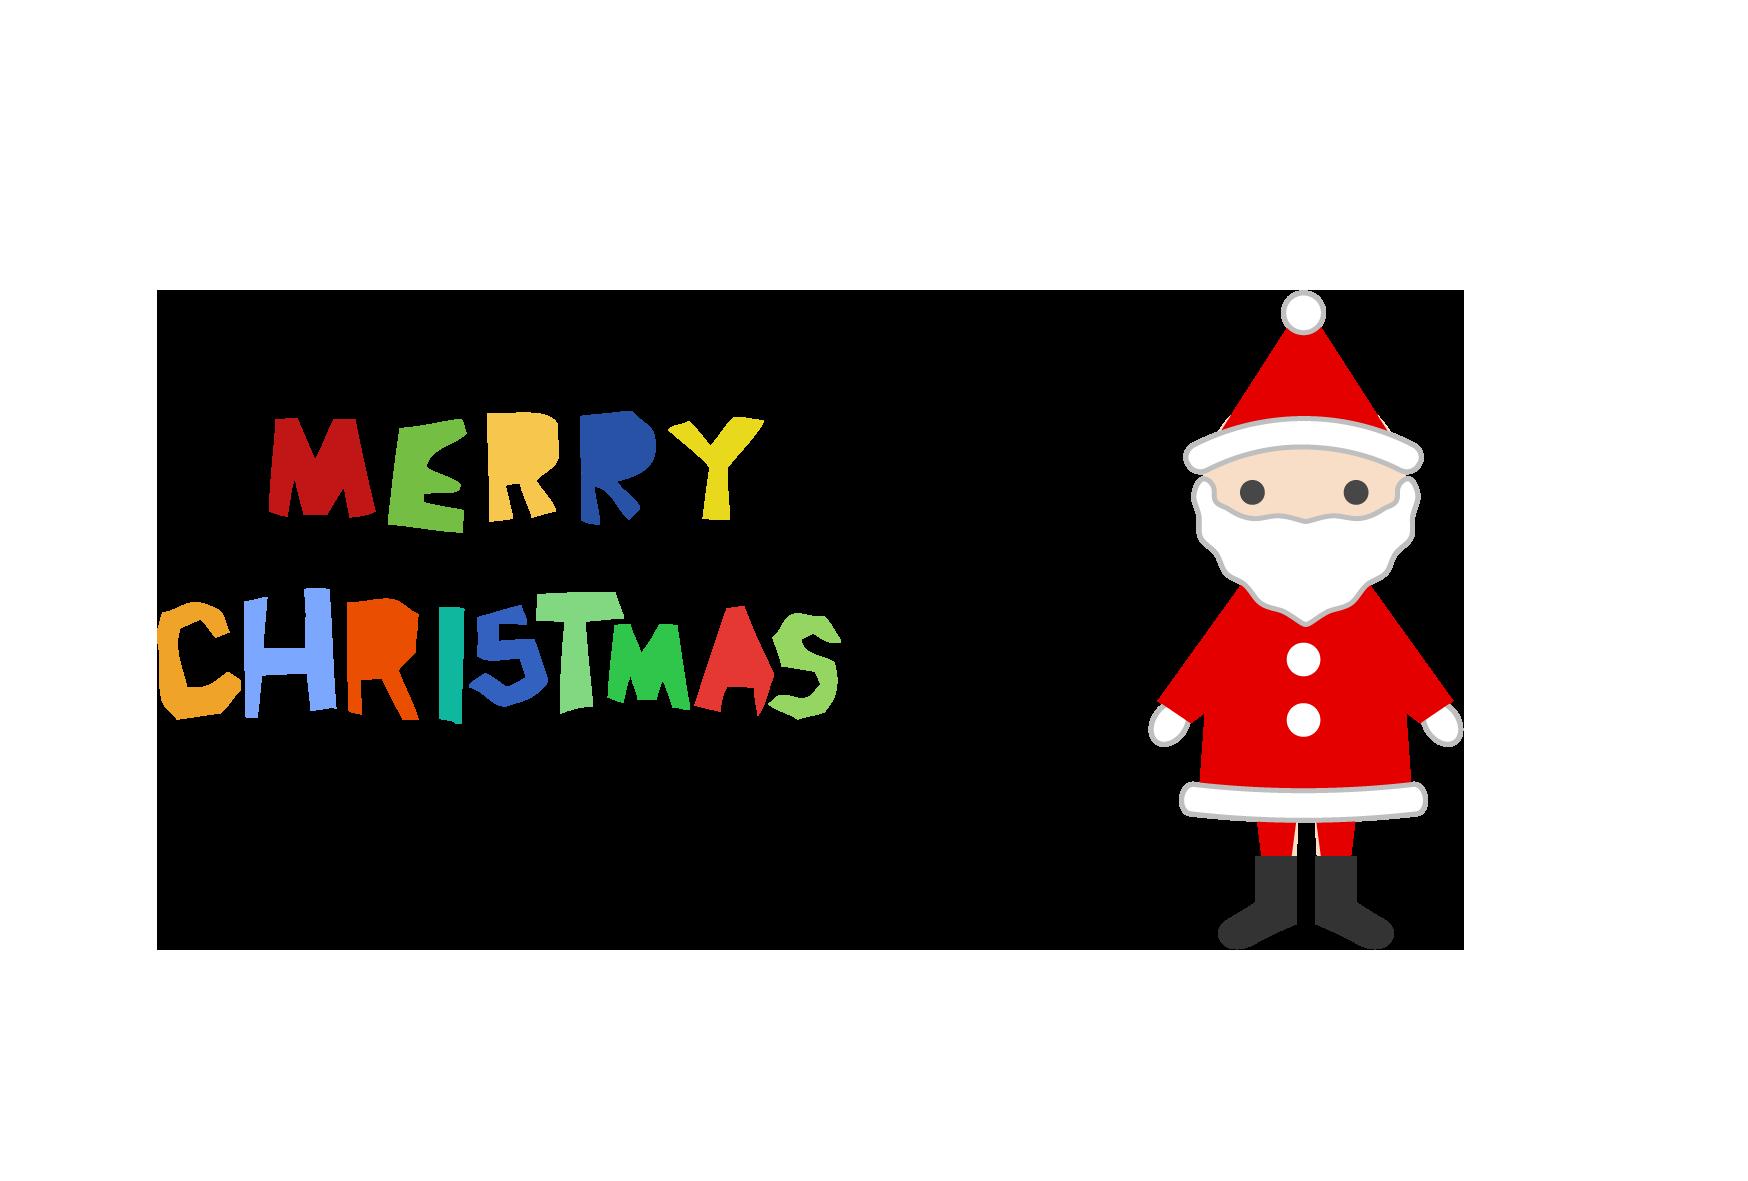 クリスマスカード シンプルテンプレートサンタクロース 無料